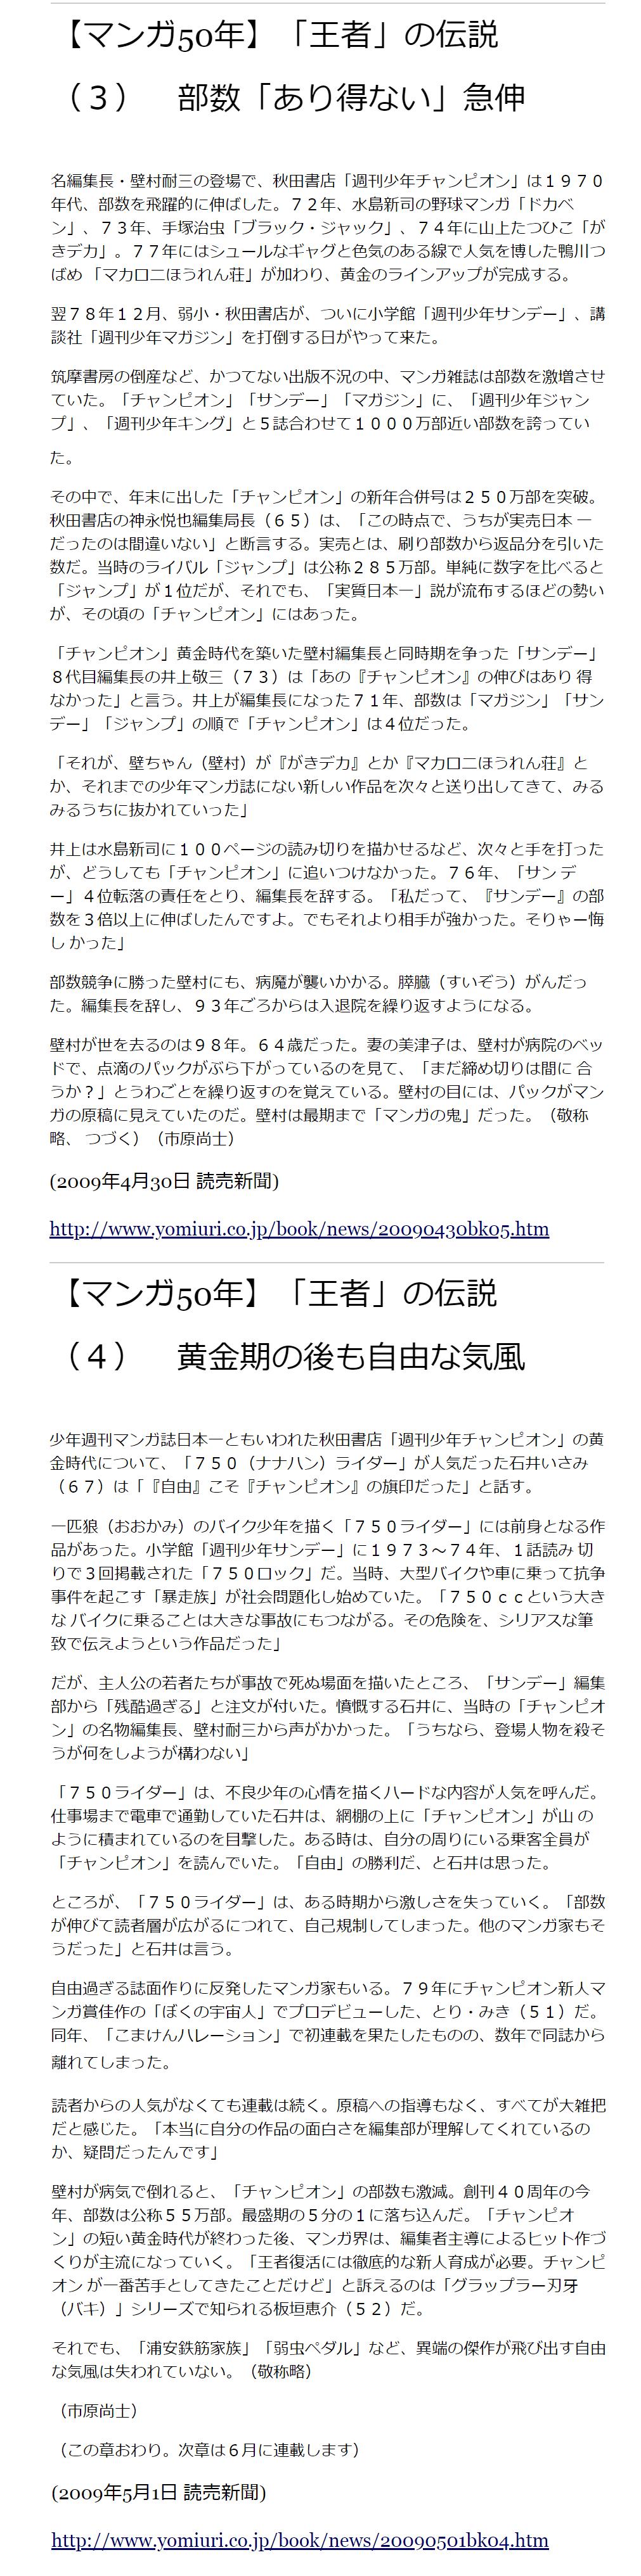 【マンガ50年】「王者」の伝説2